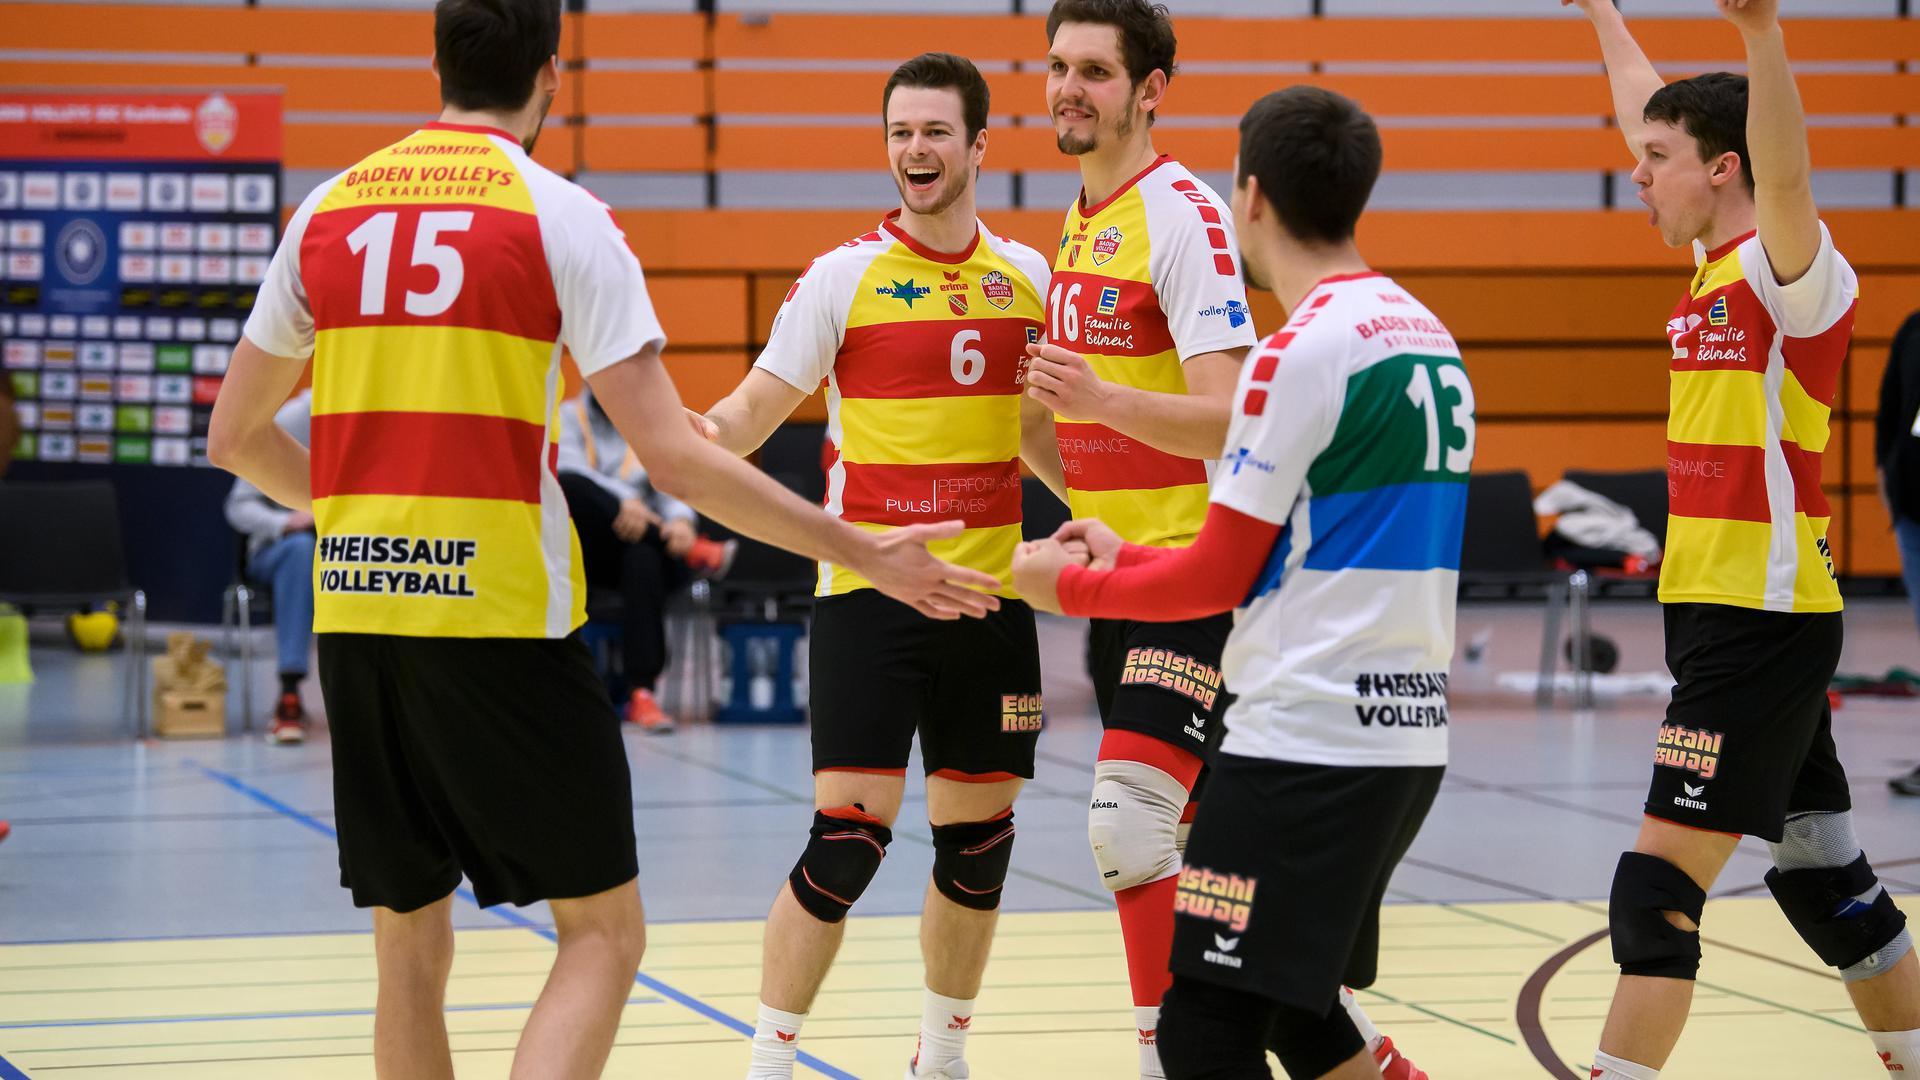 Jubel bei Karlsruhe. Jonathan-Leon Finkbeiner (SSC) und Jonathan-Leon Finkbeiner (SSC) (von links) freuen sich ueber den Punkt von Jens Sandmeier (SSC), links.  GES/ Volleyball/ 2. Bundesliga-Sued: Baden Volleys SSC Karlsruhe - Blue Volleys Gotha, 05.12.2020 --